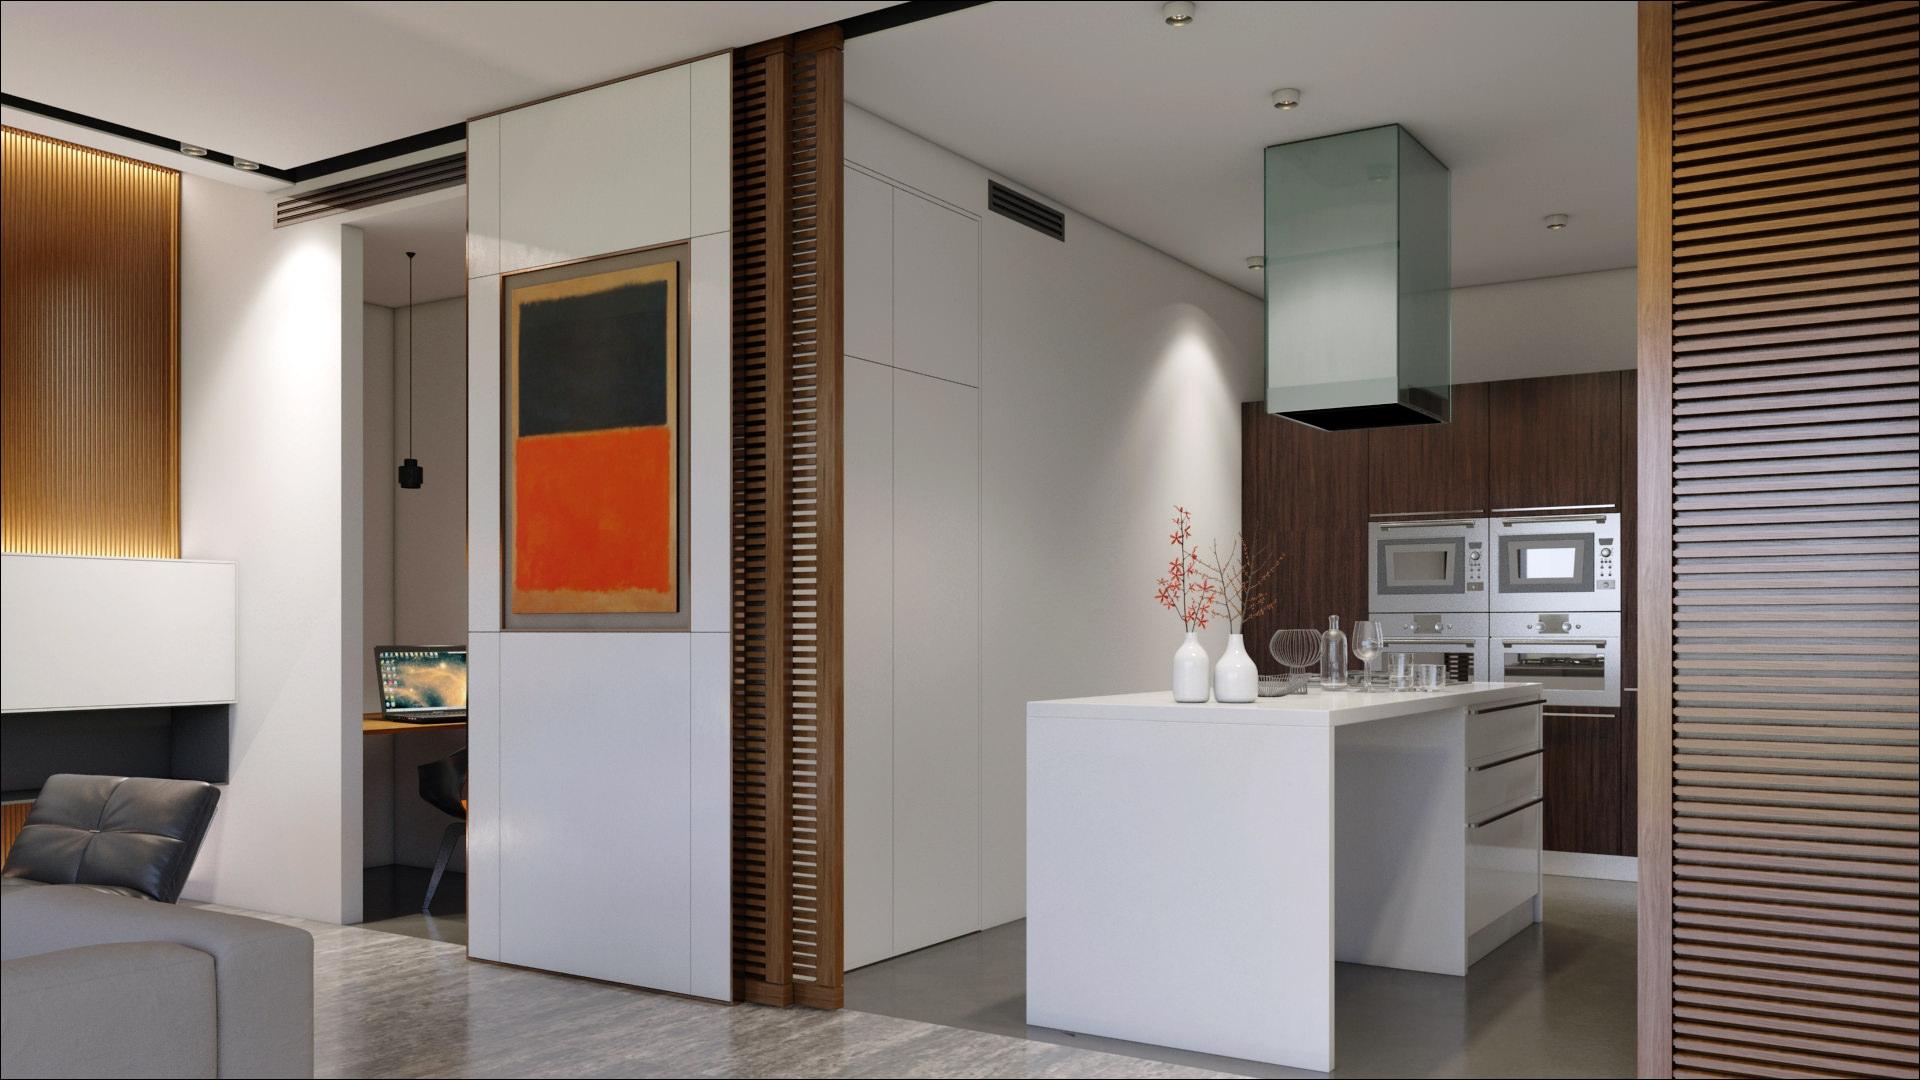 Conception de cuisines : 5 astuces pour convaincre grâce à la 3D